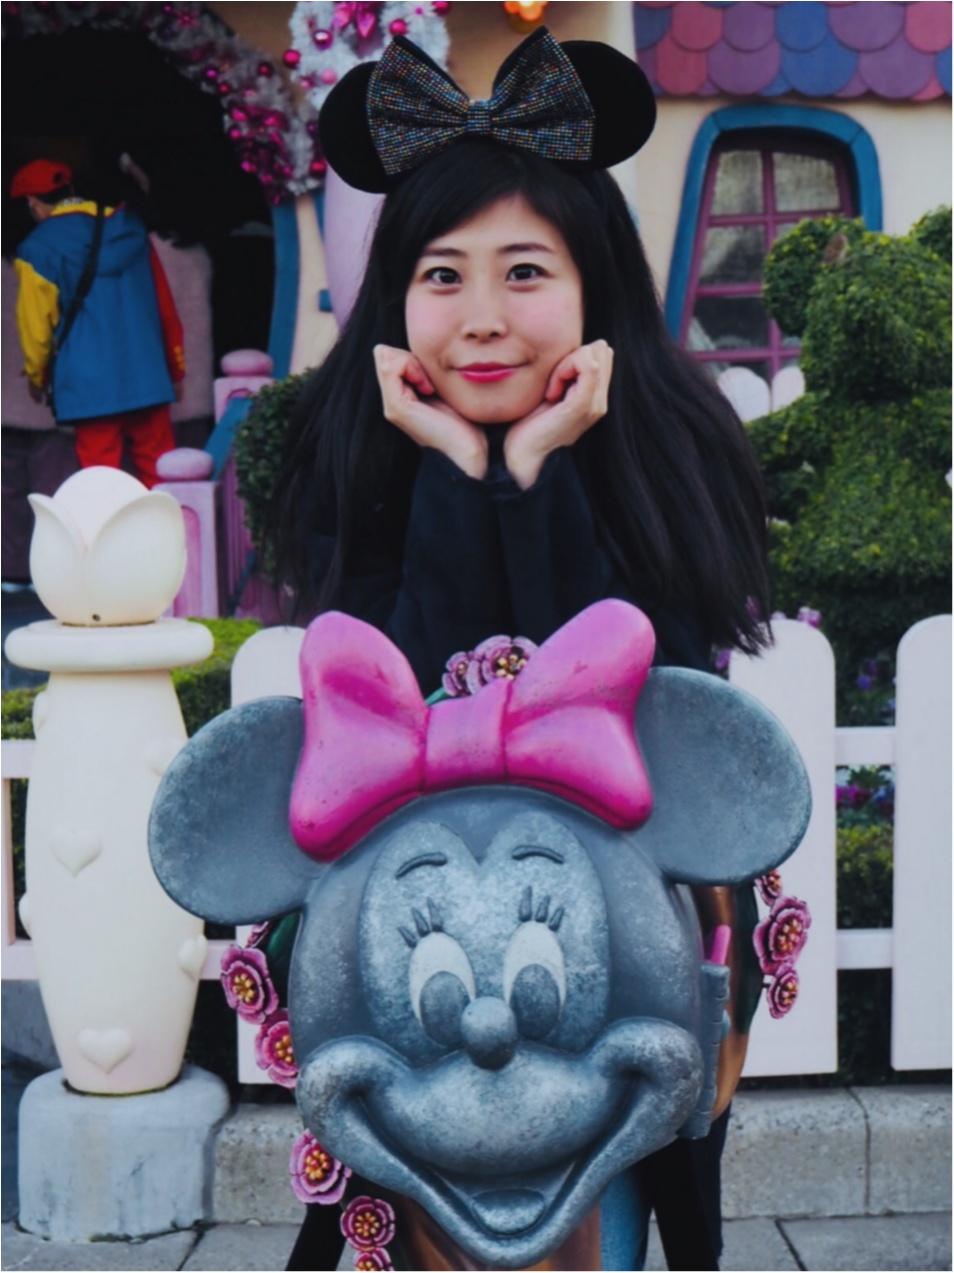 《Disneyland》にお出かけしたら絶対撮りたい❤︎ 可愛い&お洒落な写真は《ココとコレ》を押さえましょう☝︎★_4